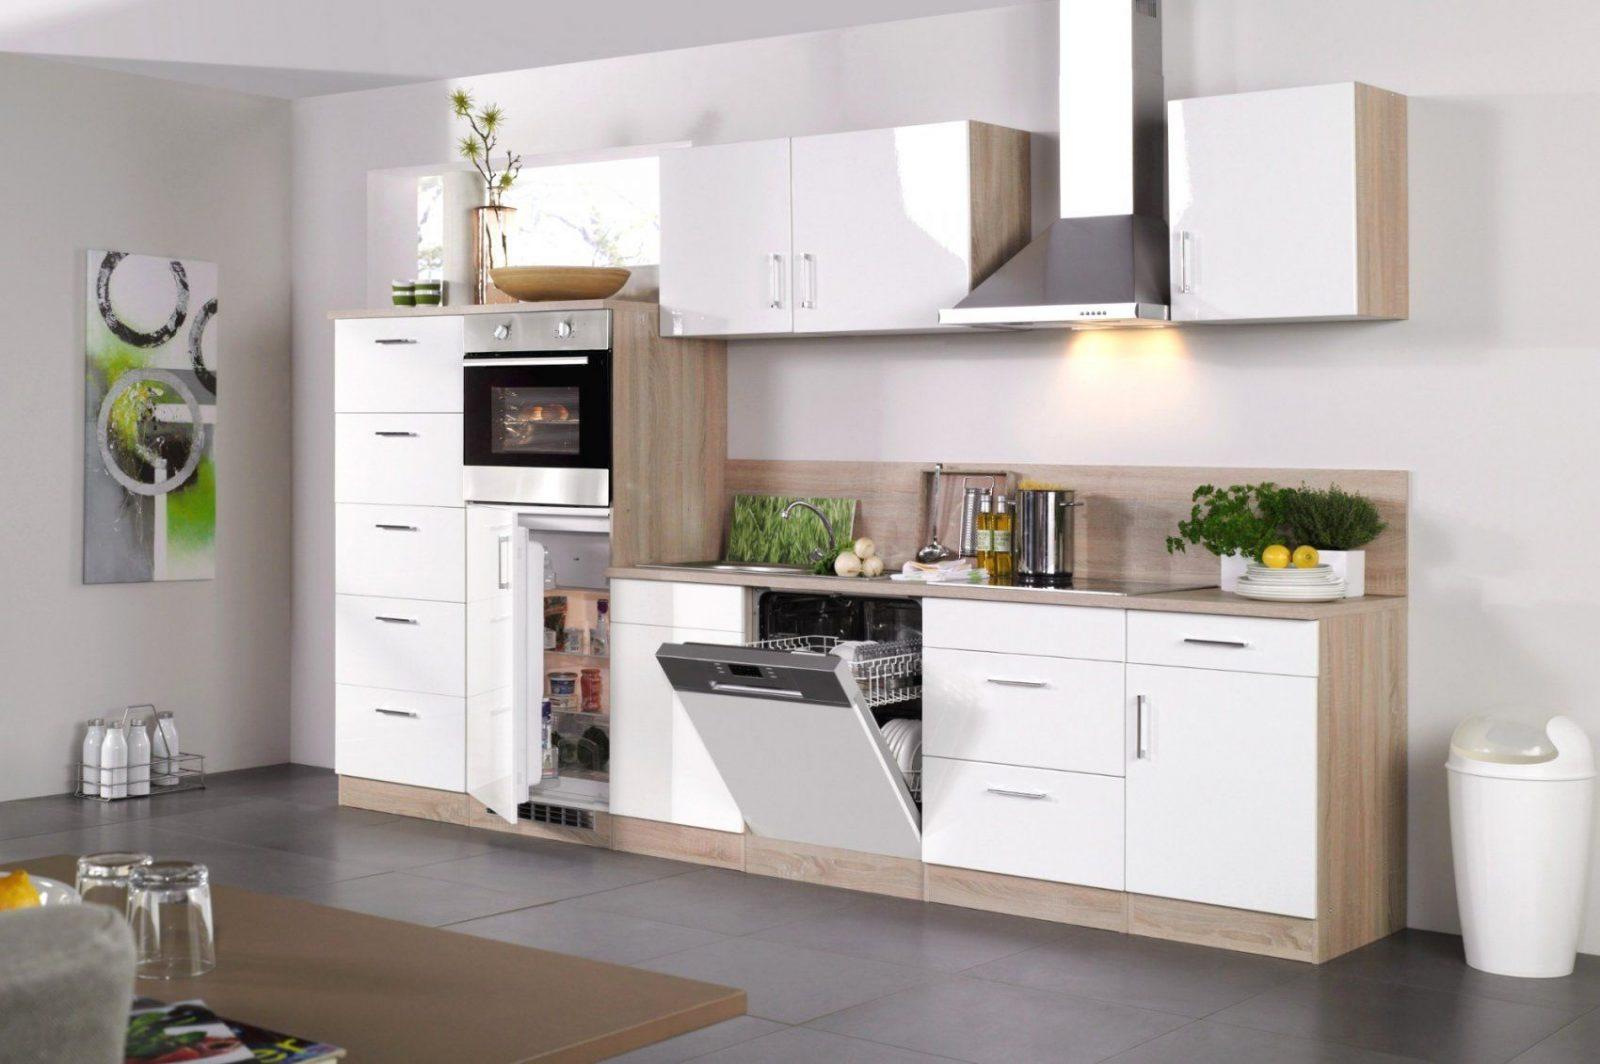 Wunderbare Ideen Küche Mit Geräten Und Schöne Faszinierend E Günstig von Küchenblock Mit E Geräten Günstig Bild